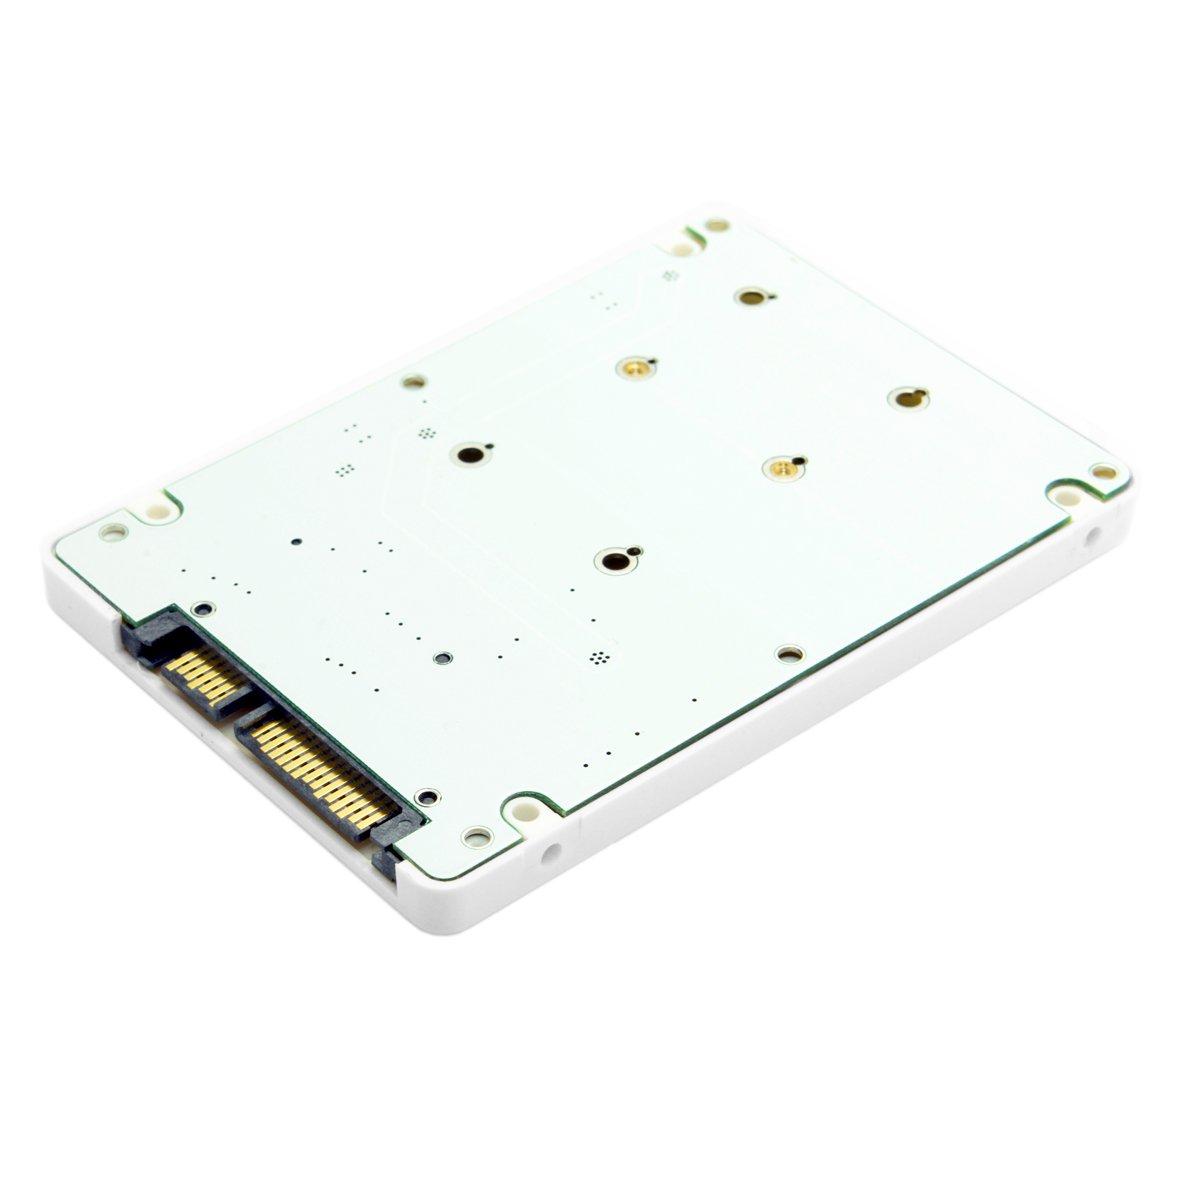 ULIAN Mini pcie transferencia mSATA de PCI-E SATA 2.5 pulgadas SSD ...